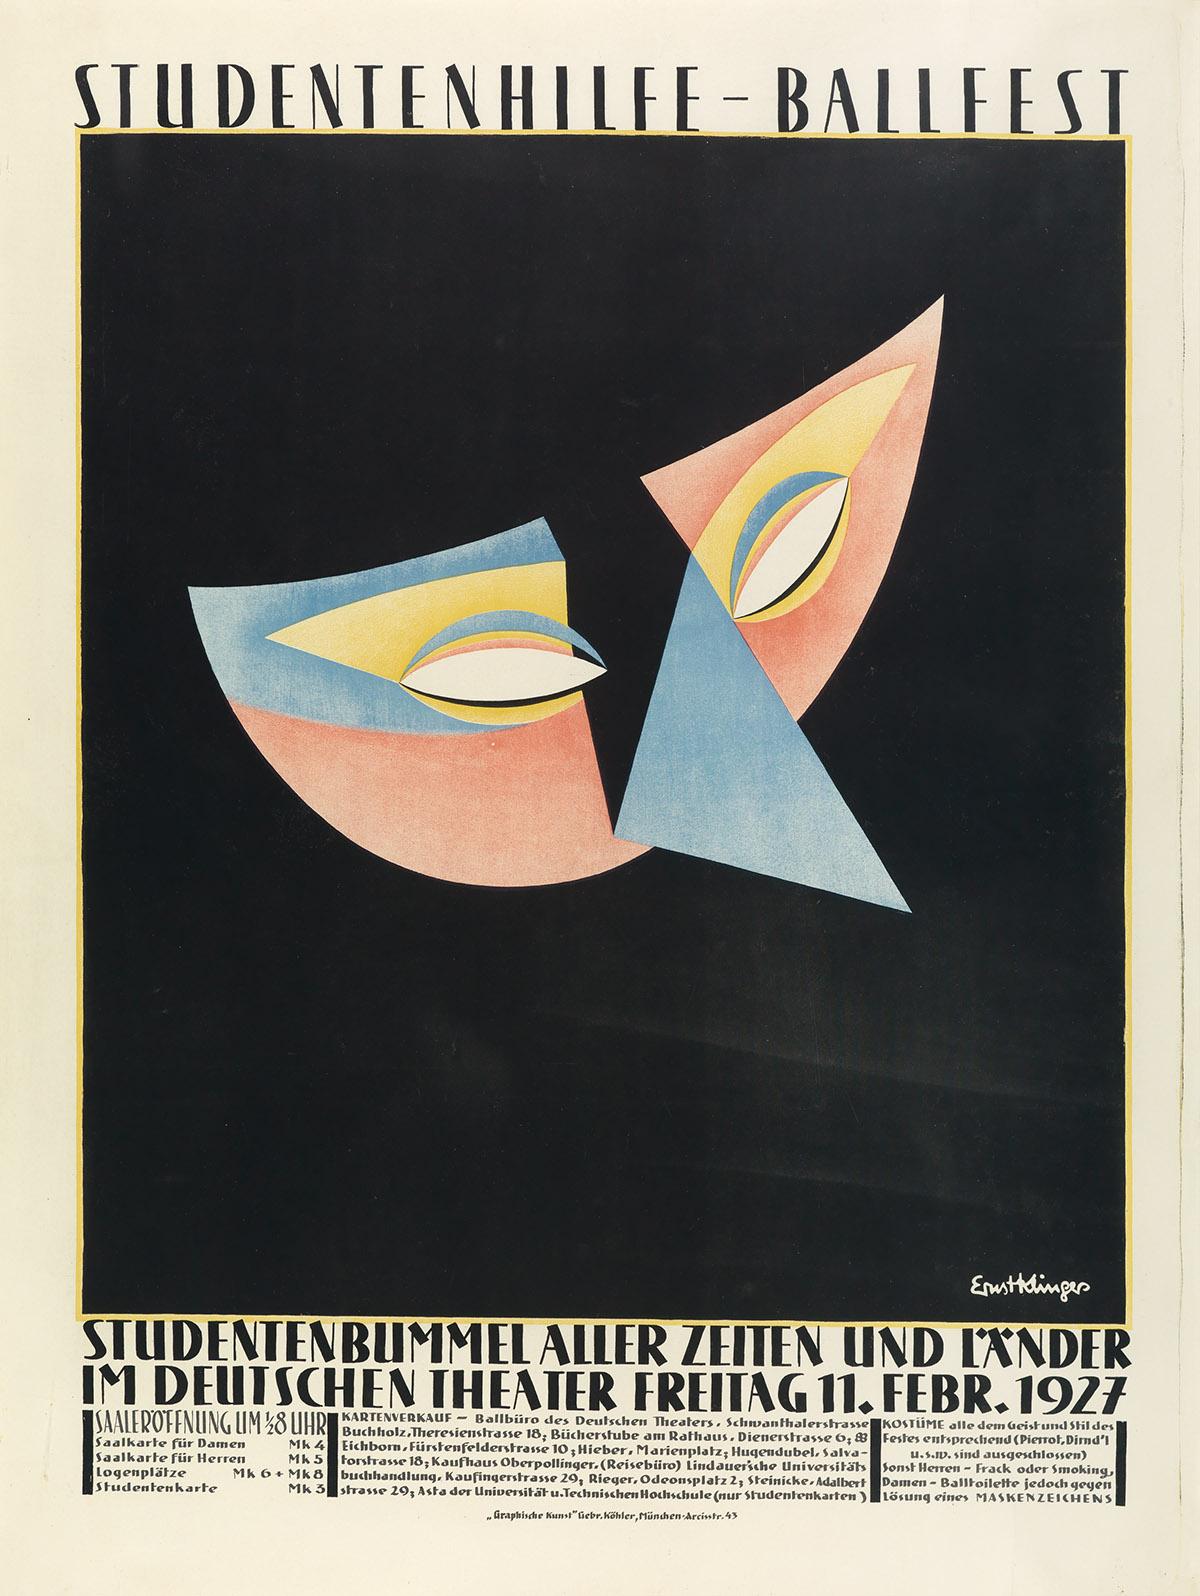 ERNST KLINGER (1900-1962). STUDENTENHILFE - BALLFEST. 1927. 49x37 inches, 124x94 cm. Gebr. Köhler, Munich.